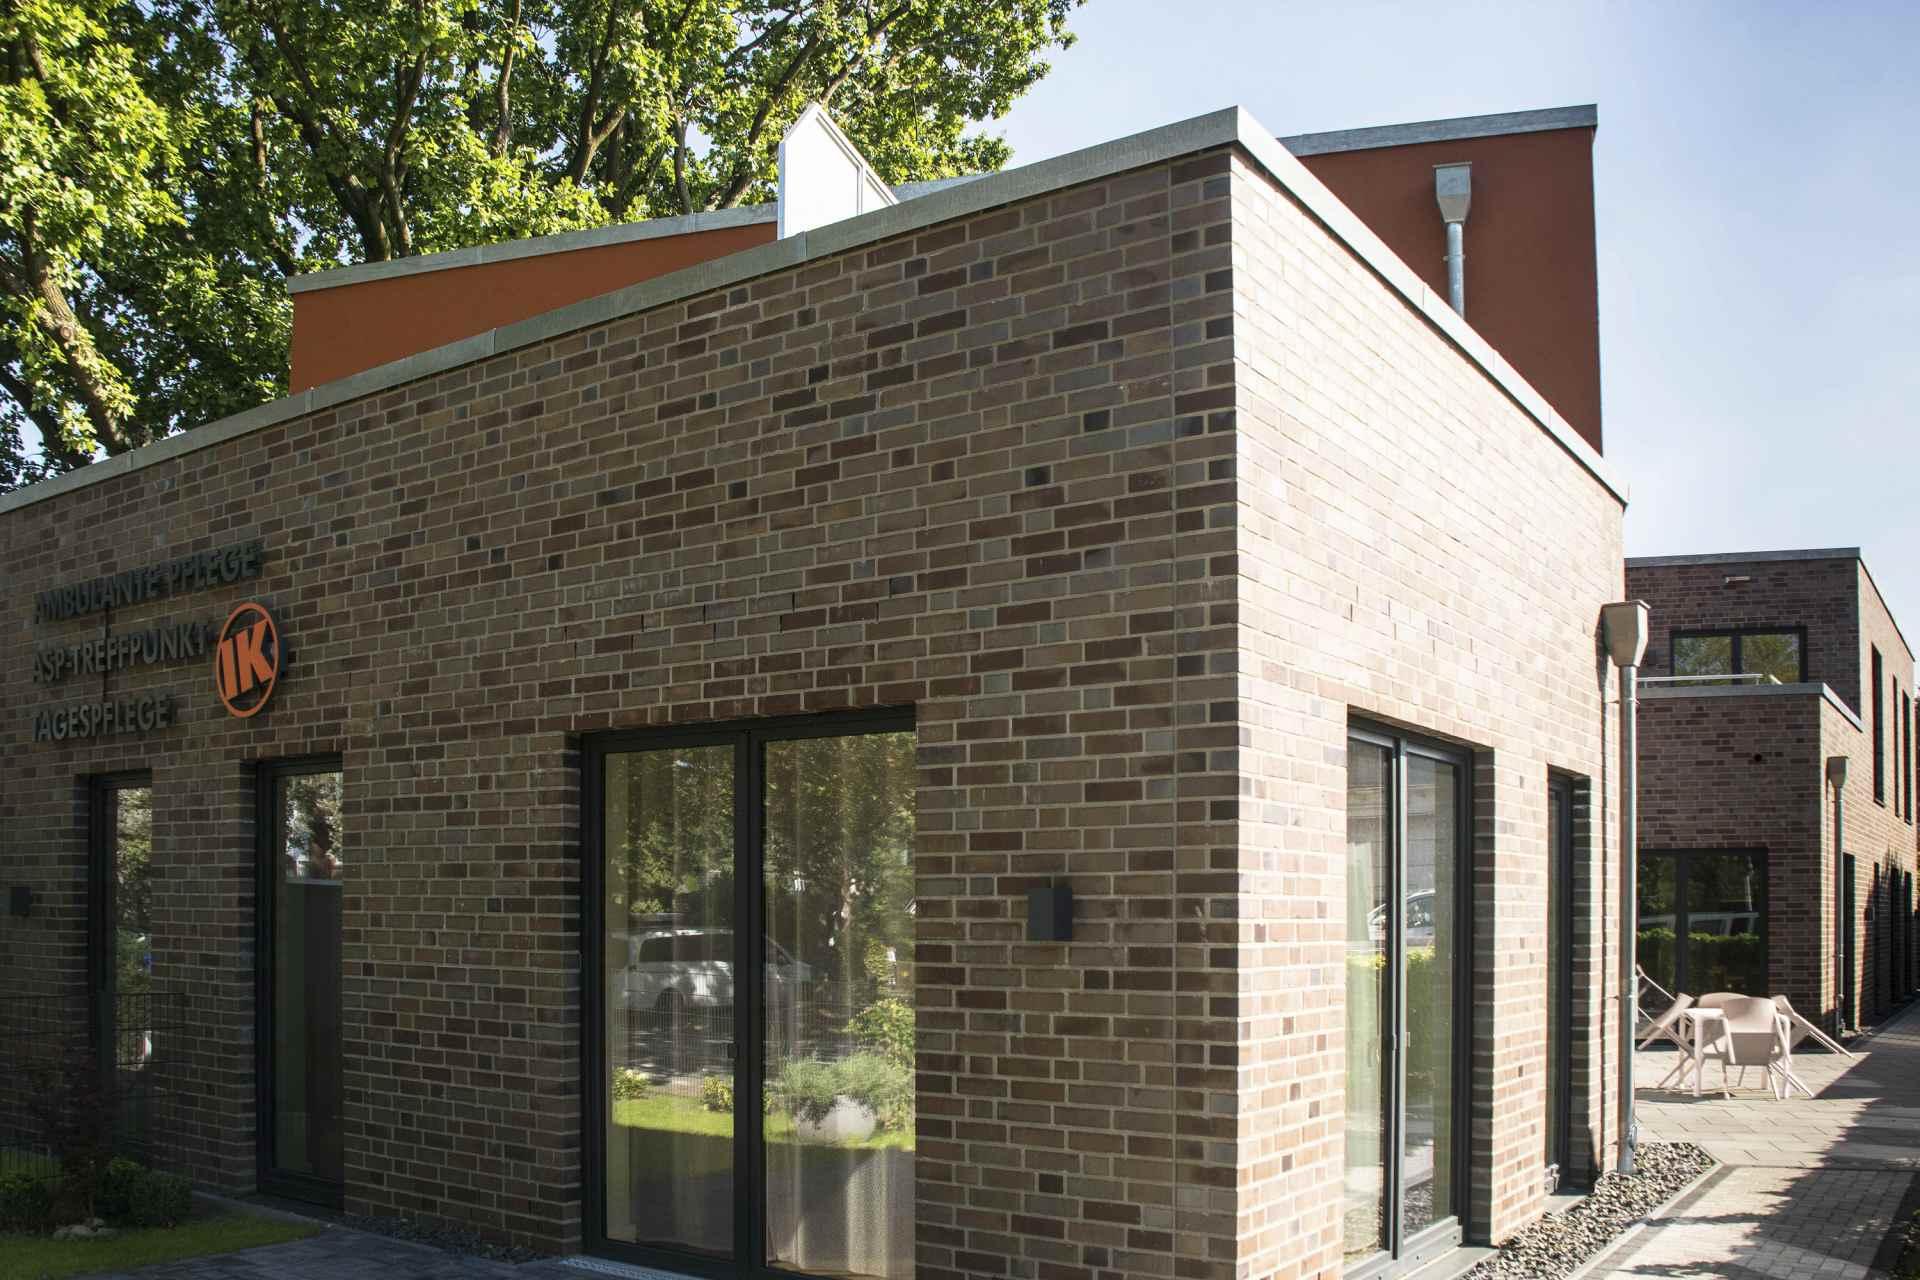 FAB (Wohnbauten + Sozial- und Sonderbauten) Interkulturelle Tagespflege